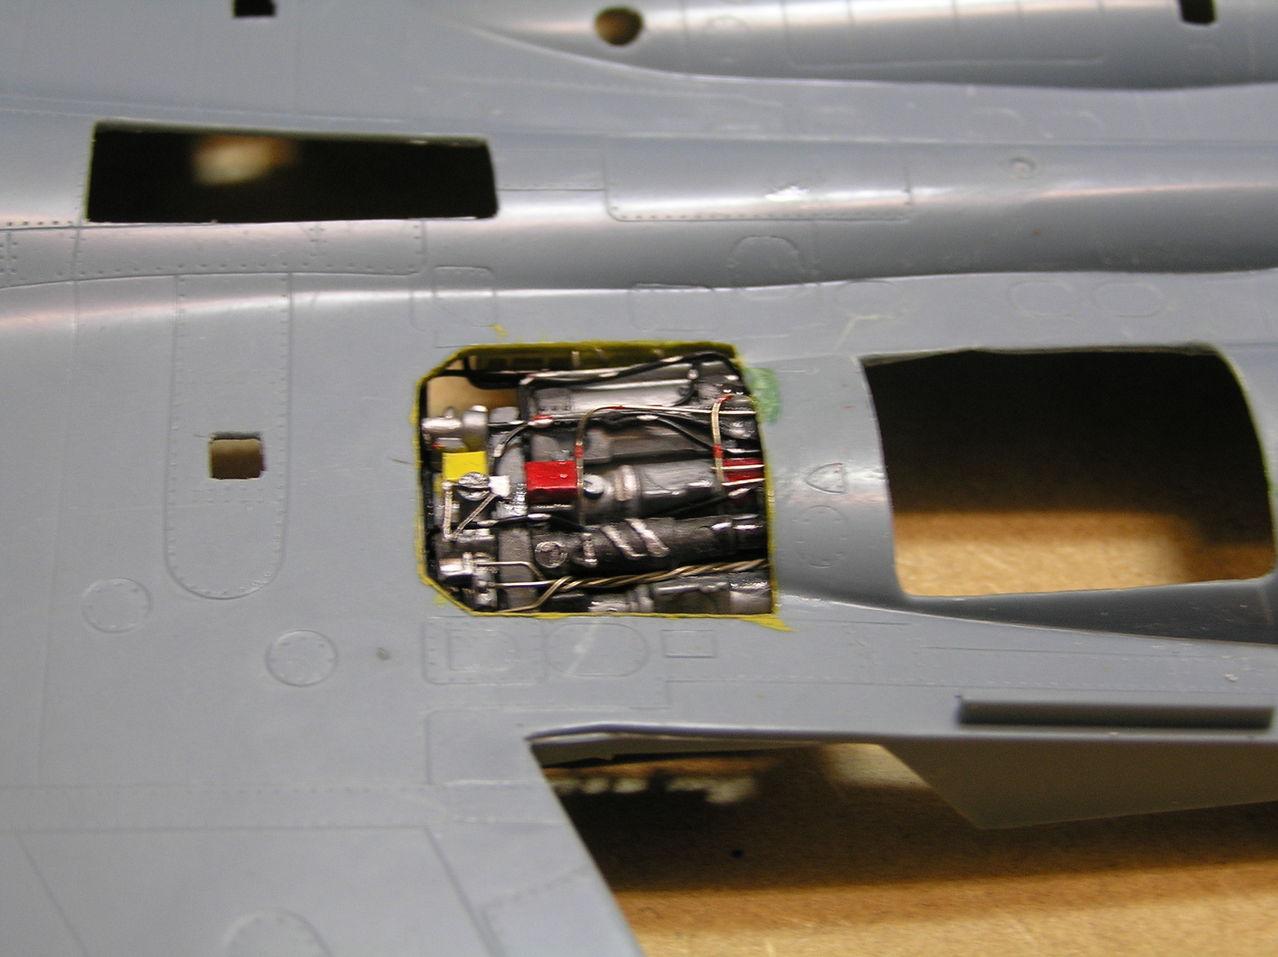 ...καπως ετσι αρχισαν ολα...Su-27  και τα μυαλα στα καγκελα... Image